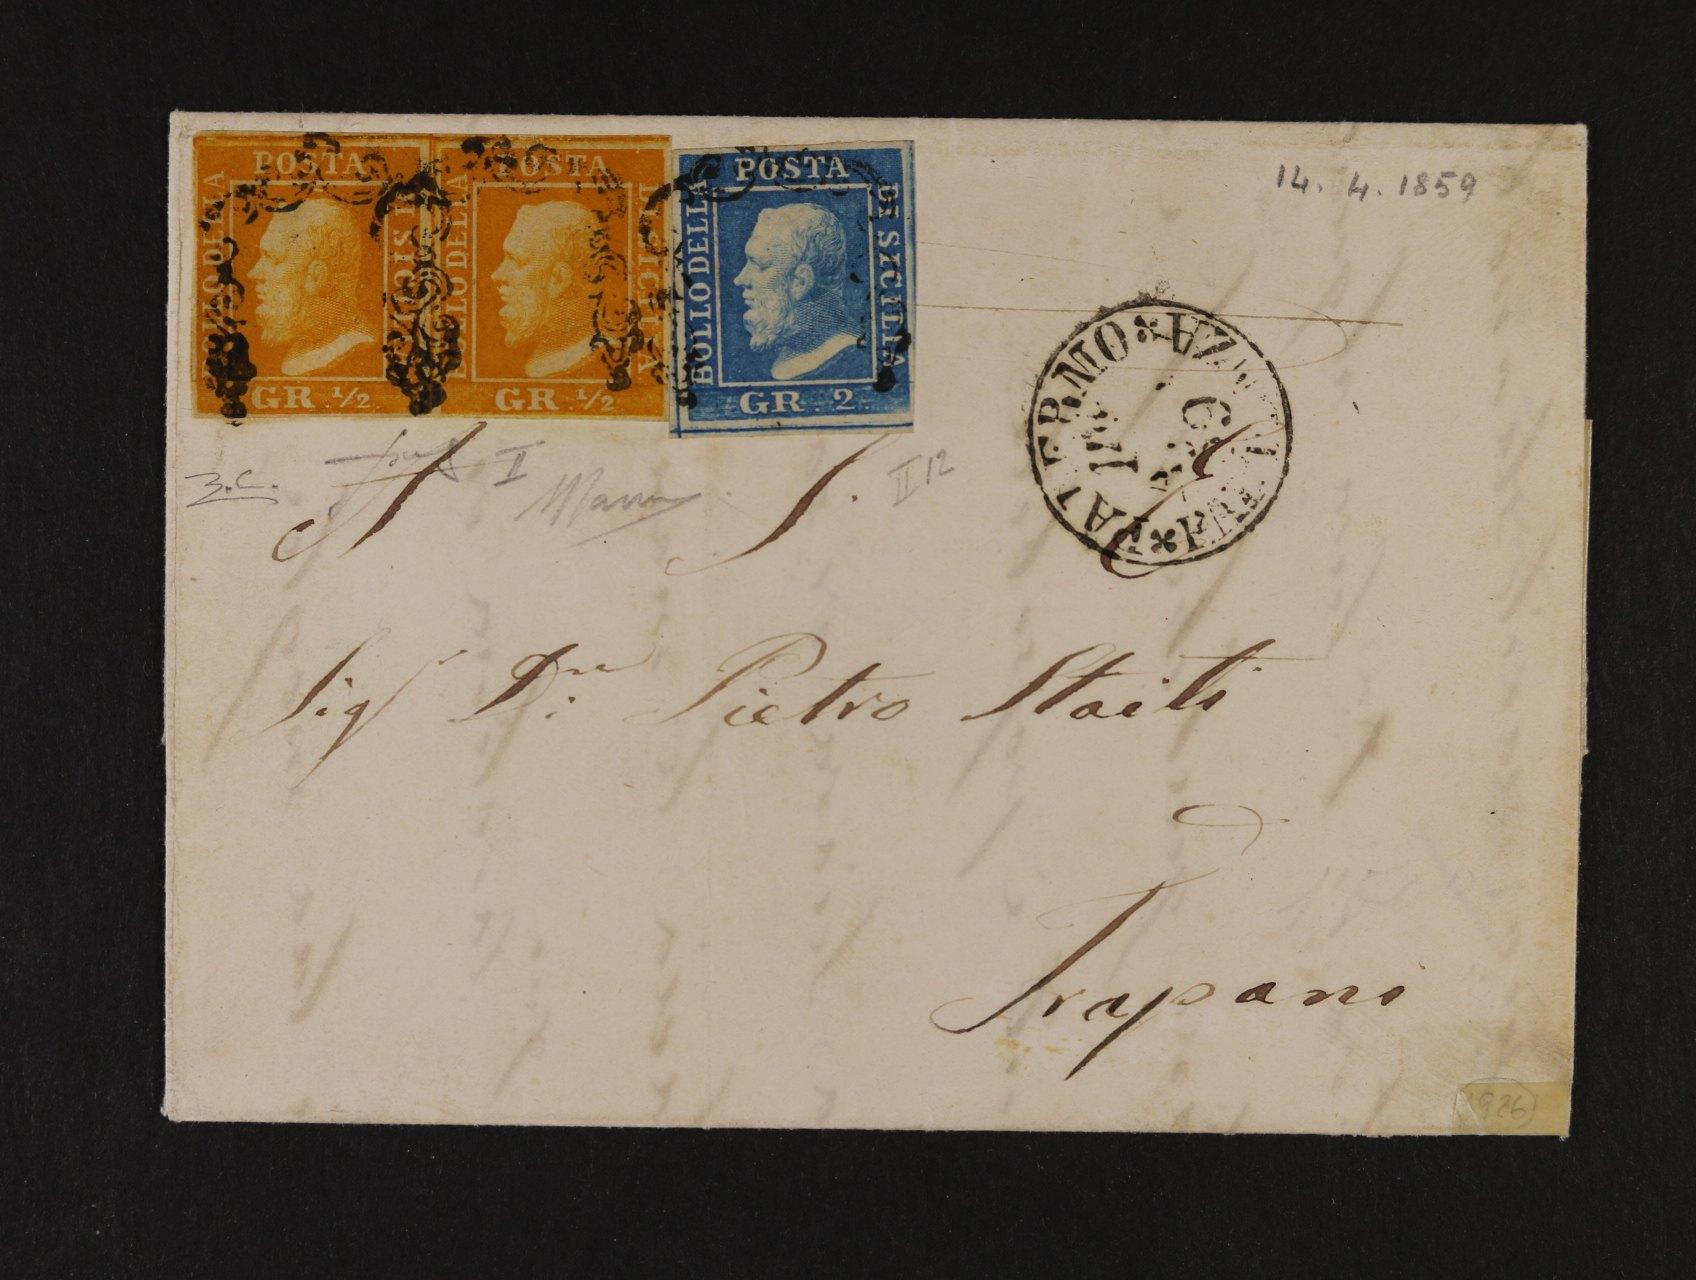 Sicílie - skl. dopis z r. 1859 frank. dvoupáskou zn. Sassone č. 1, 2. TD ! - 1/2Gr a zn. 2Gr - rovněž 2. TD, dopis byl odeslán 14.4.1859 z Palerma do Trapáni, kat. Sassone pro tuto variantu uvádí 73000 EUR, zk. třemi znalci, mj. Giorgio Colla Asimelli, jedná se o mimořádně vzácný dopis v lux. kvalitě